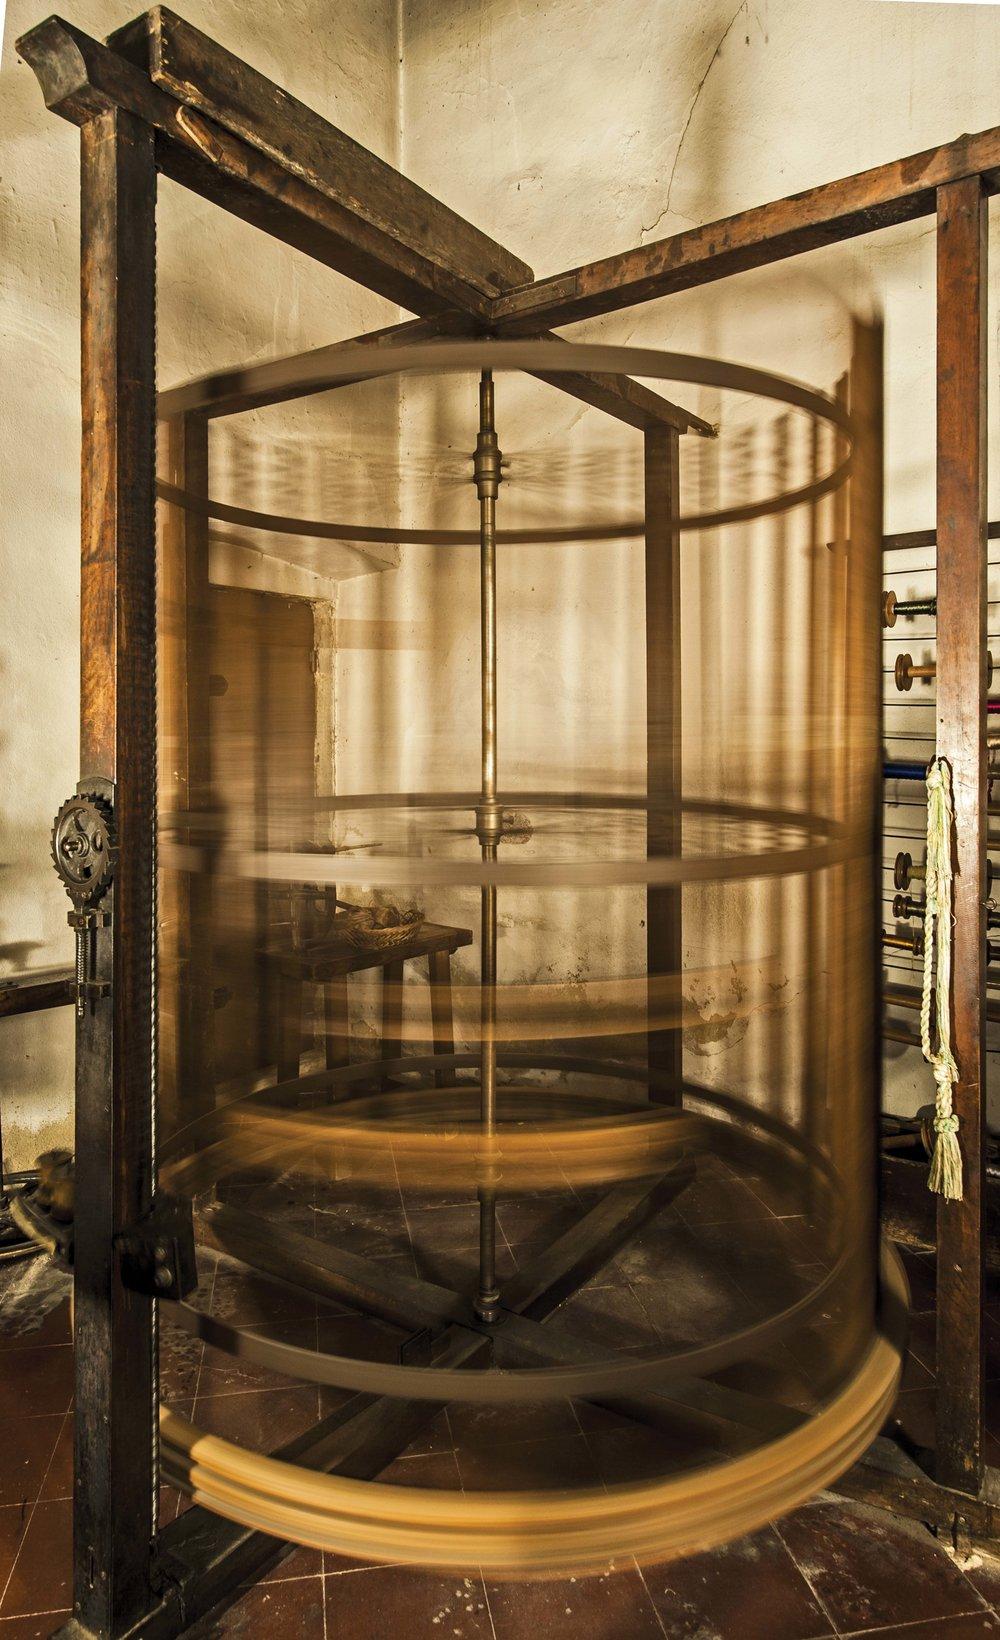 十七至十八世紀手工操作的織布機,由萊昂納多•達芬奇發明,至今依然可以紡出精美華麗的真絲錦緞。